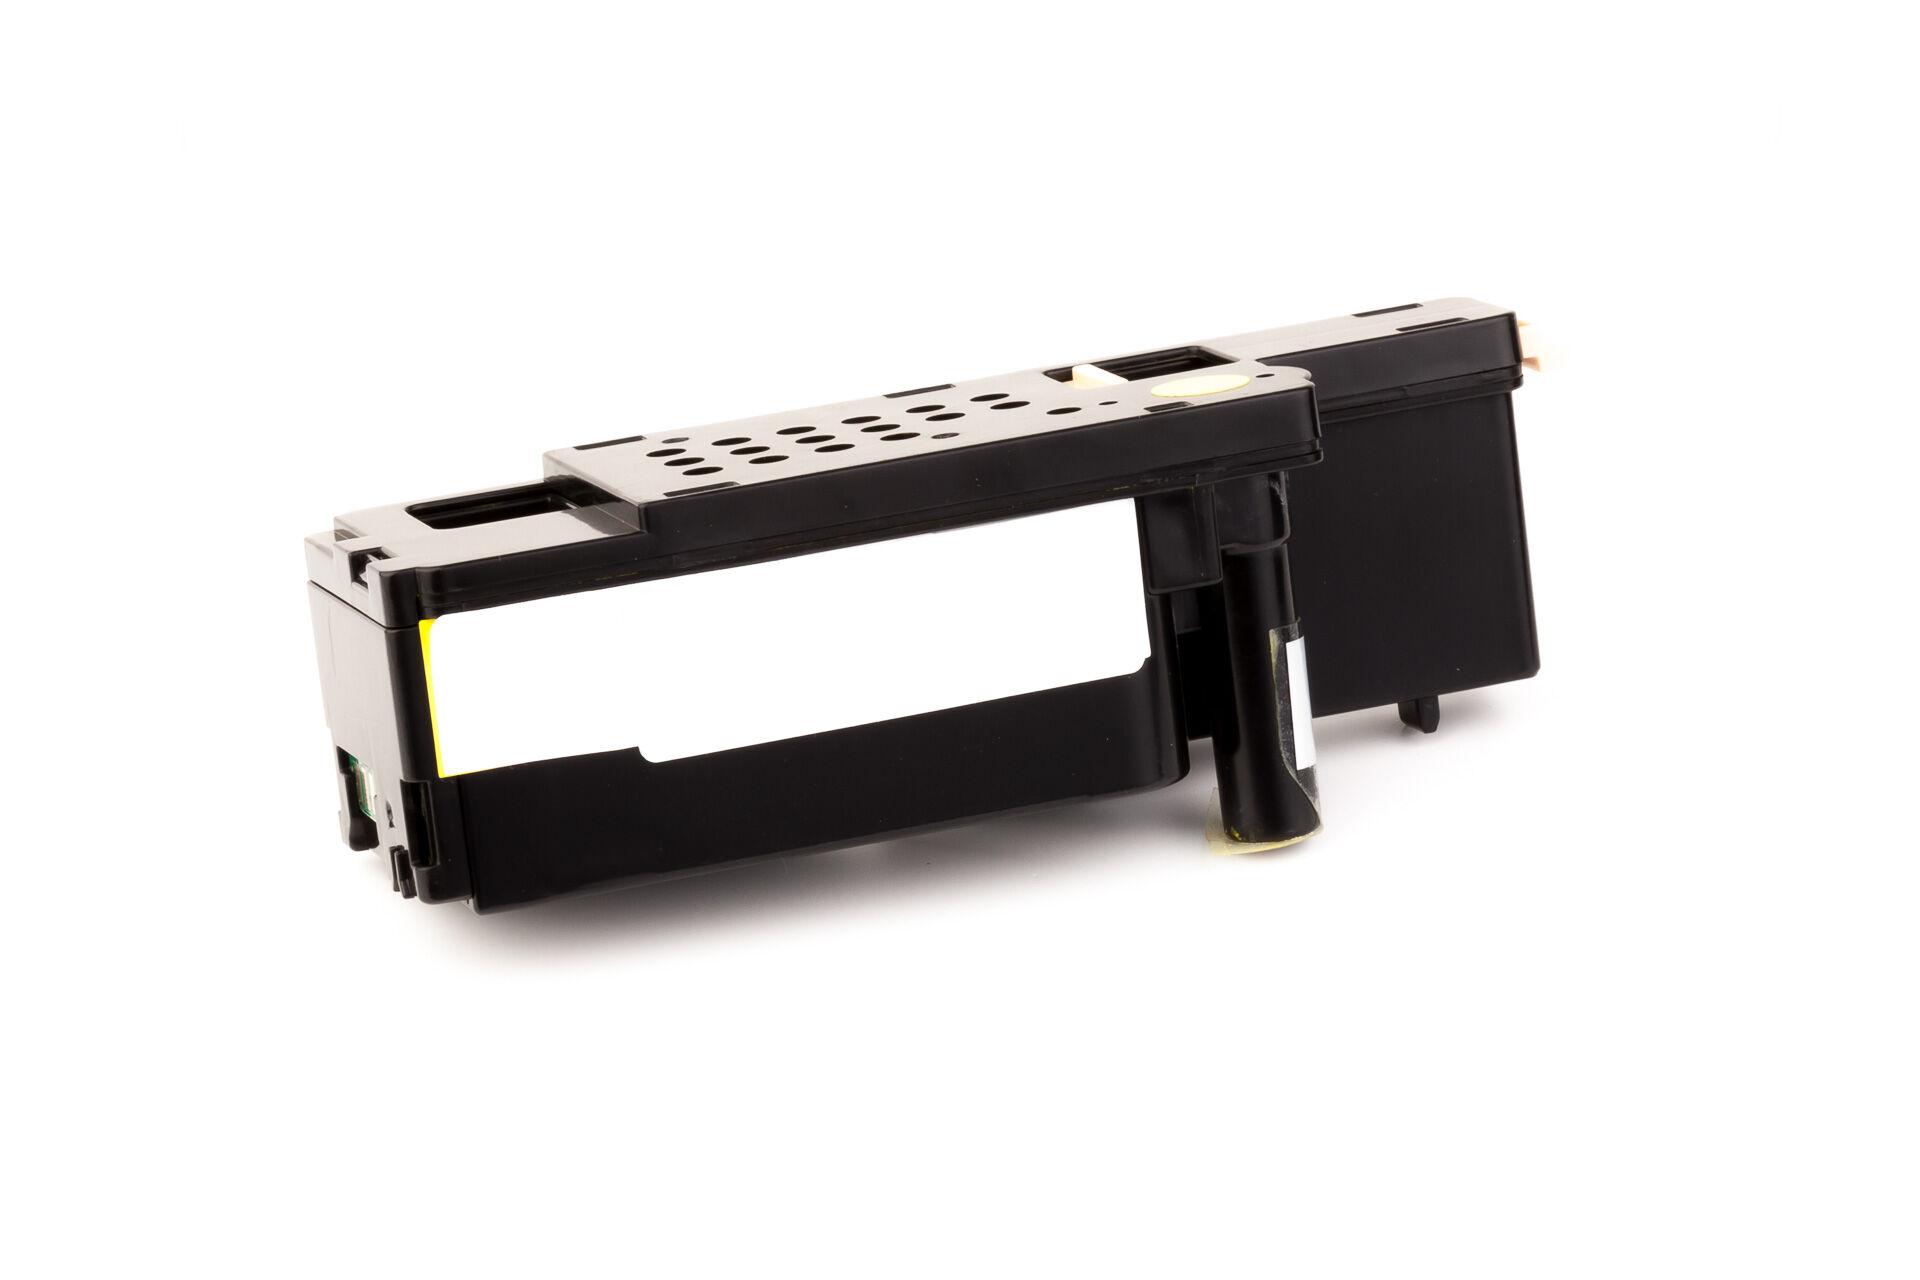 Dell Cartouche de Toner pour Dell 59311019 / 25MRX jaune compatible (de marque ASC)